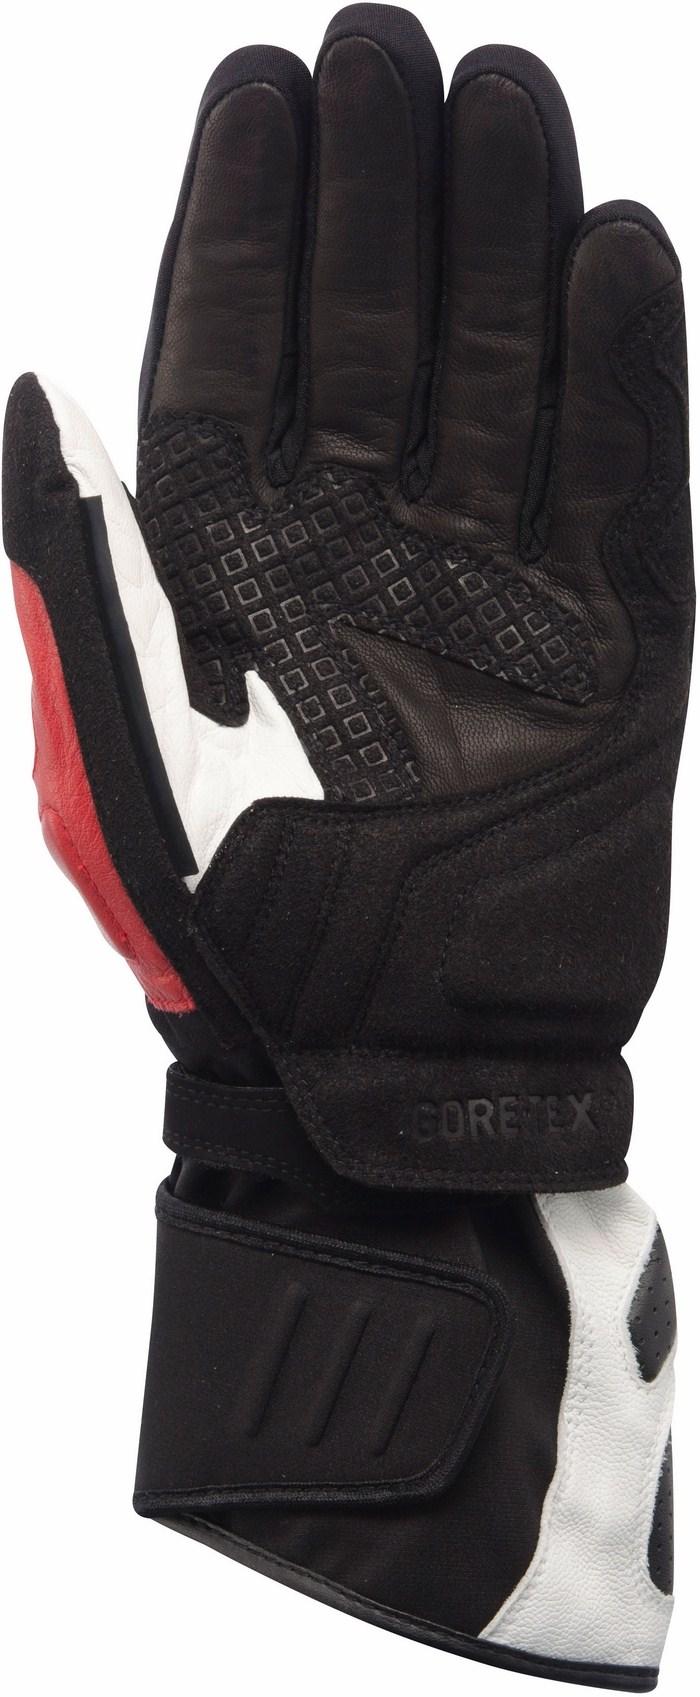 Alpinestars GT-S X-Trafit gloves black white red